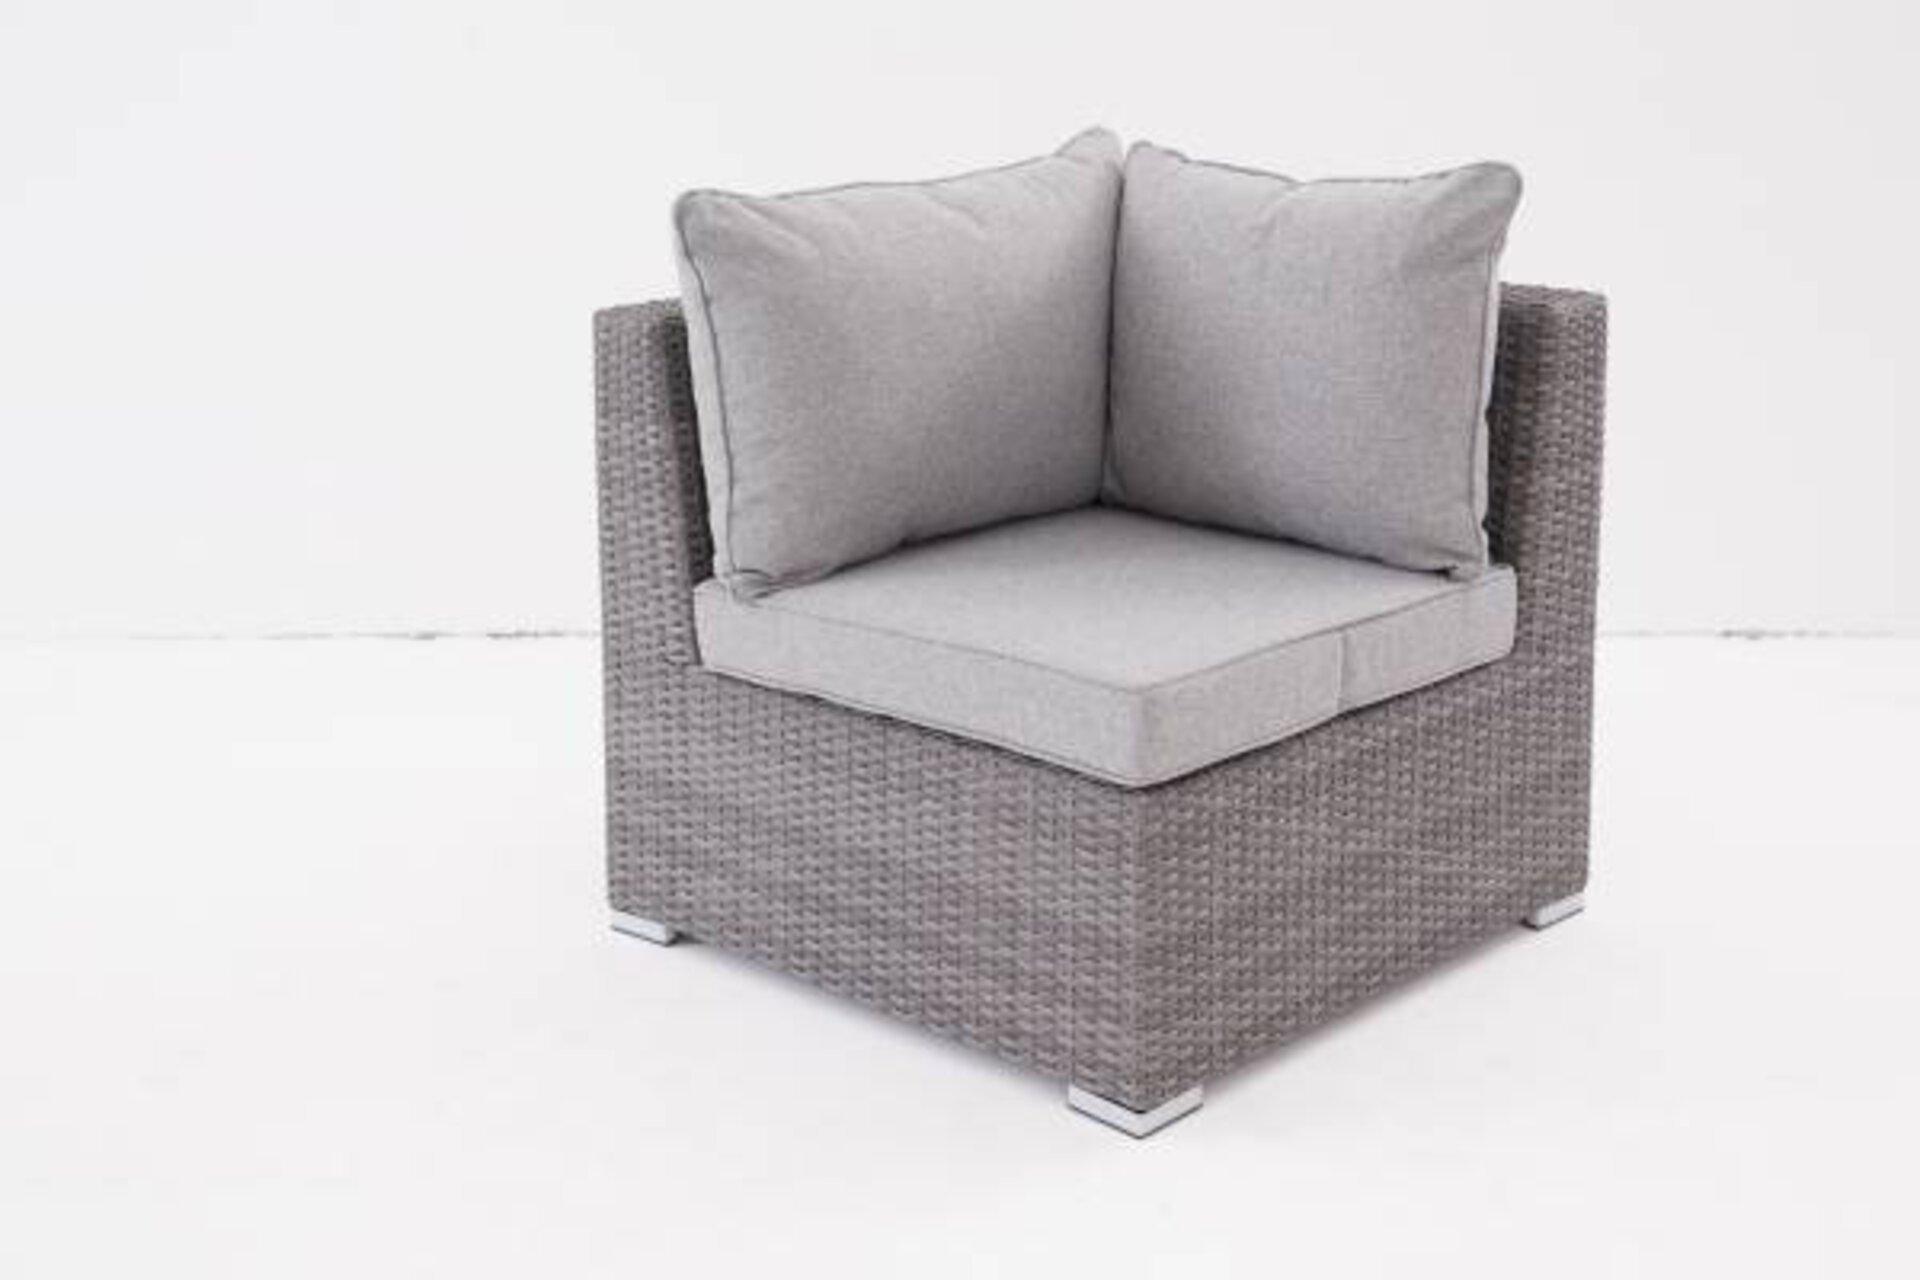 Eckelement RUEGEN Outdoor Textil grau 75 x 84 x 84 cm